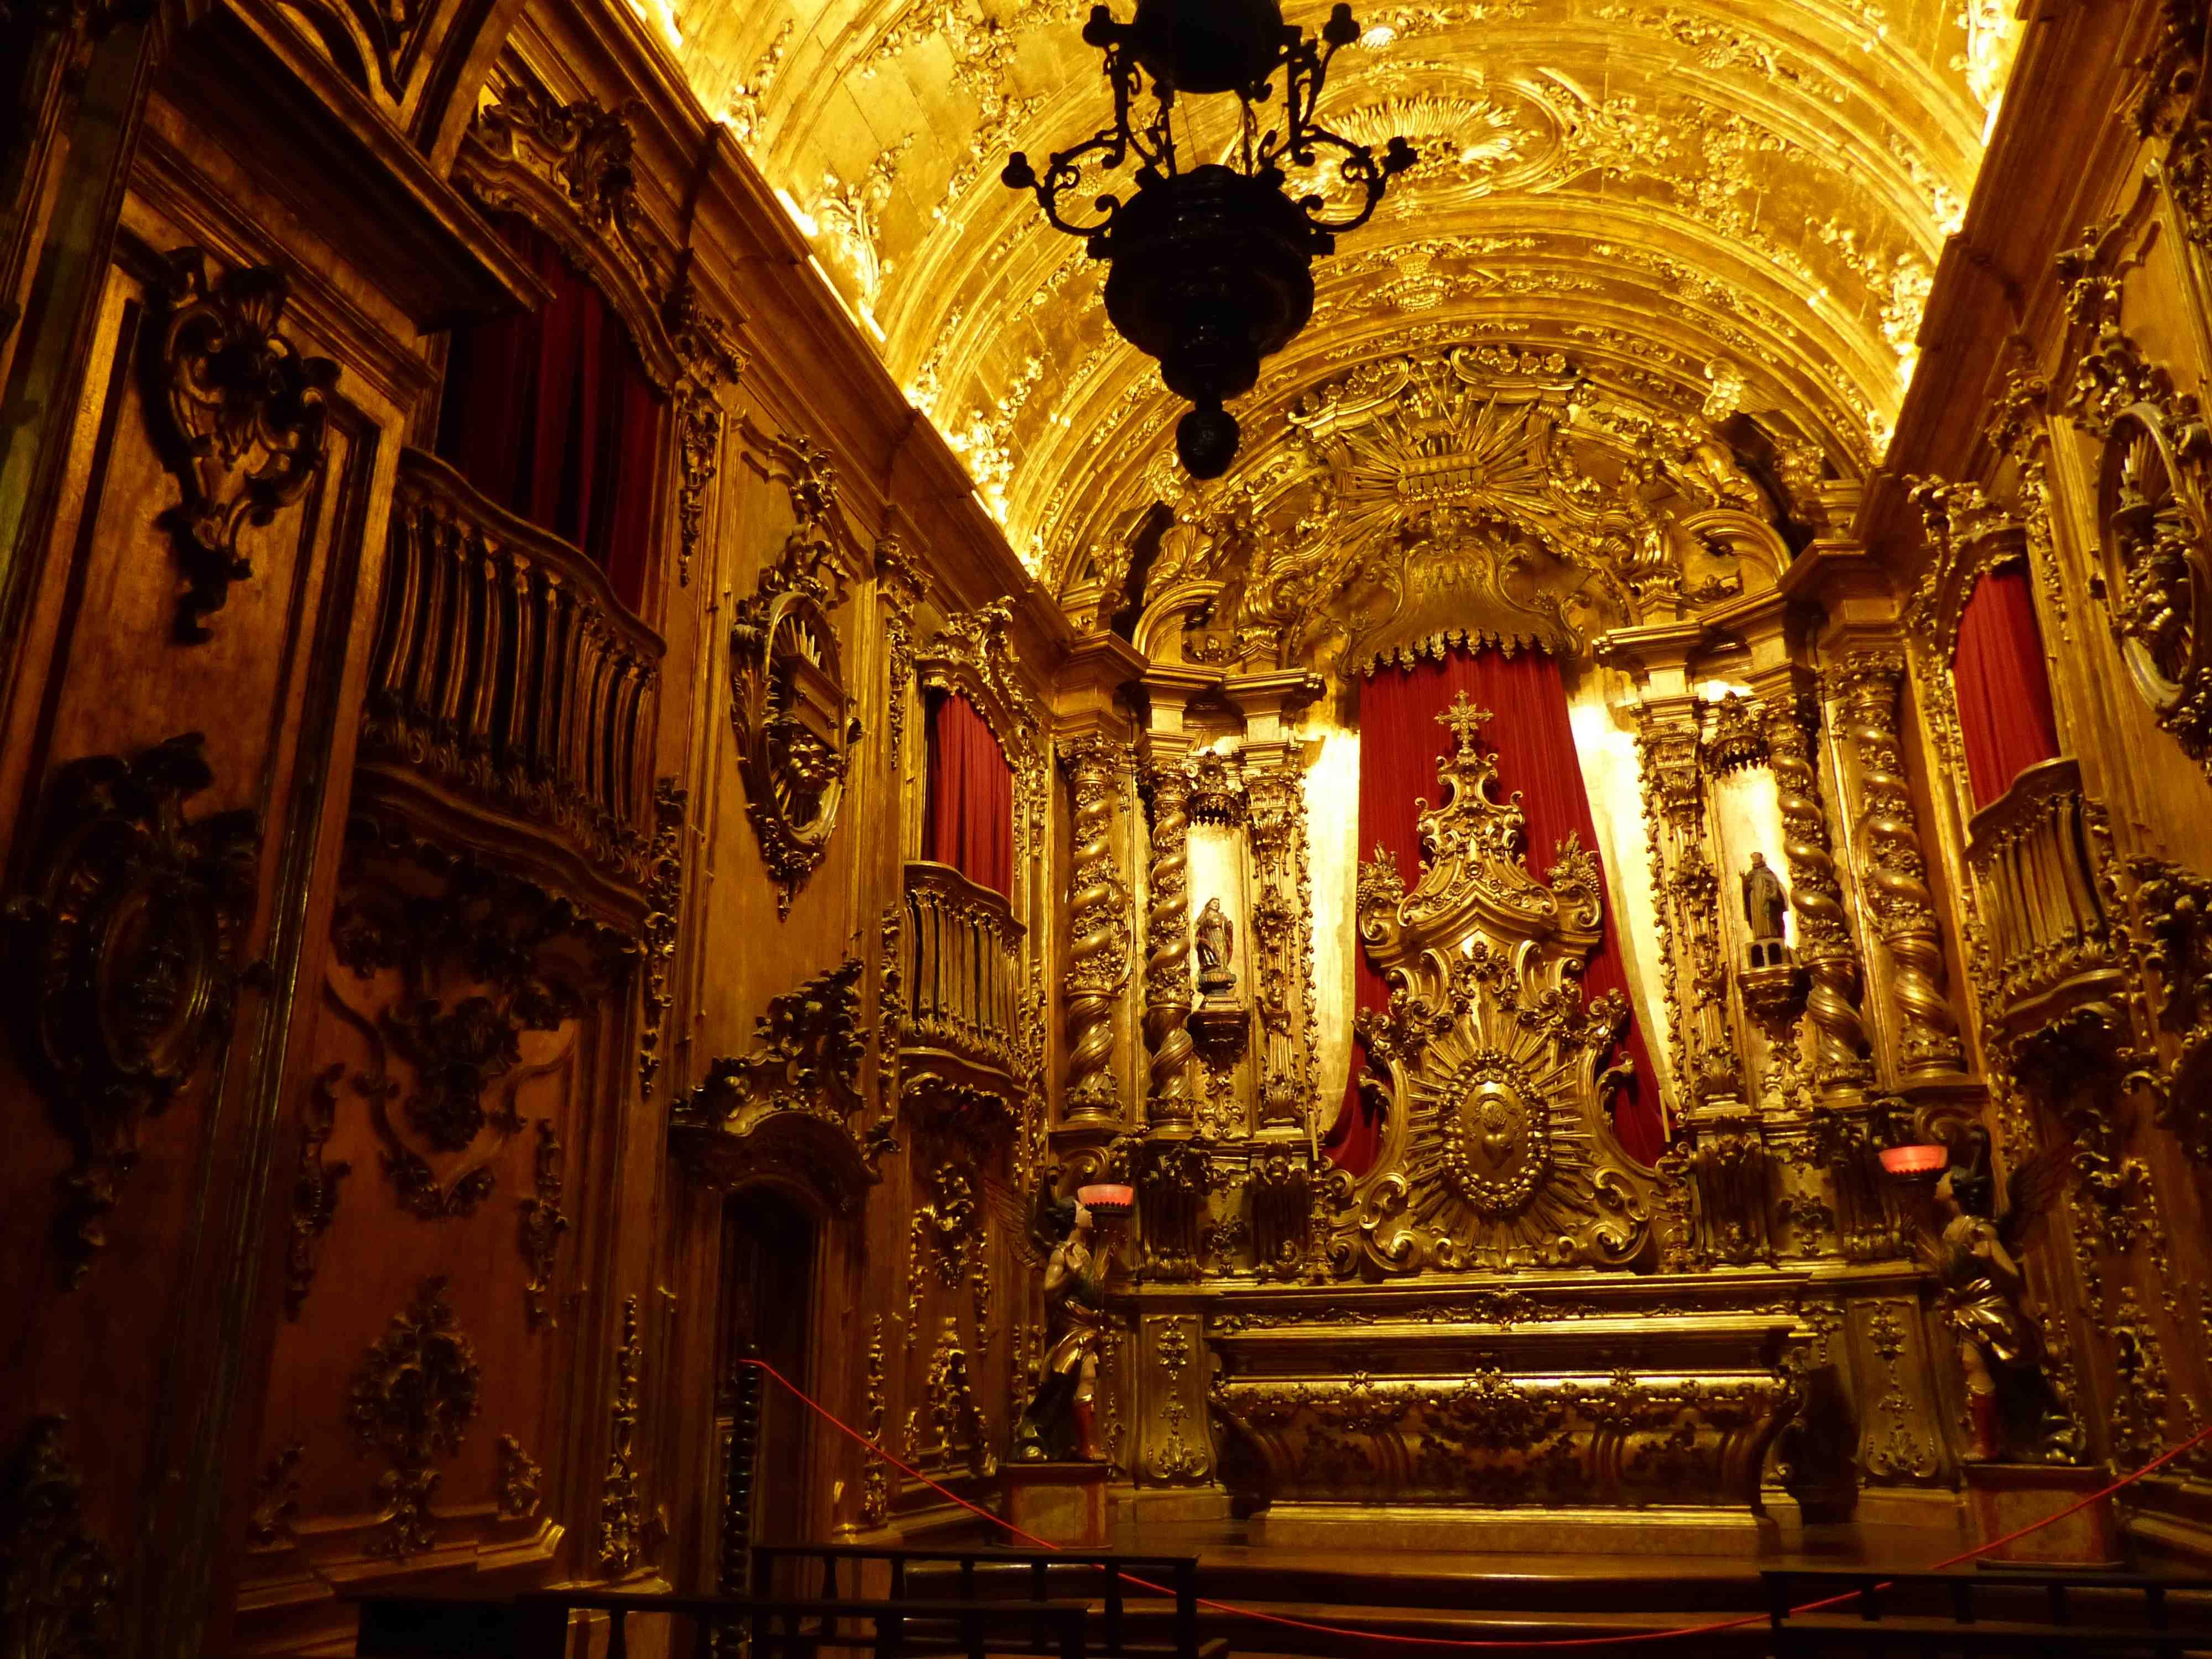 Monastère de Saint-Benoît (Mosteiro de São Bento) - Rio de Janeiro